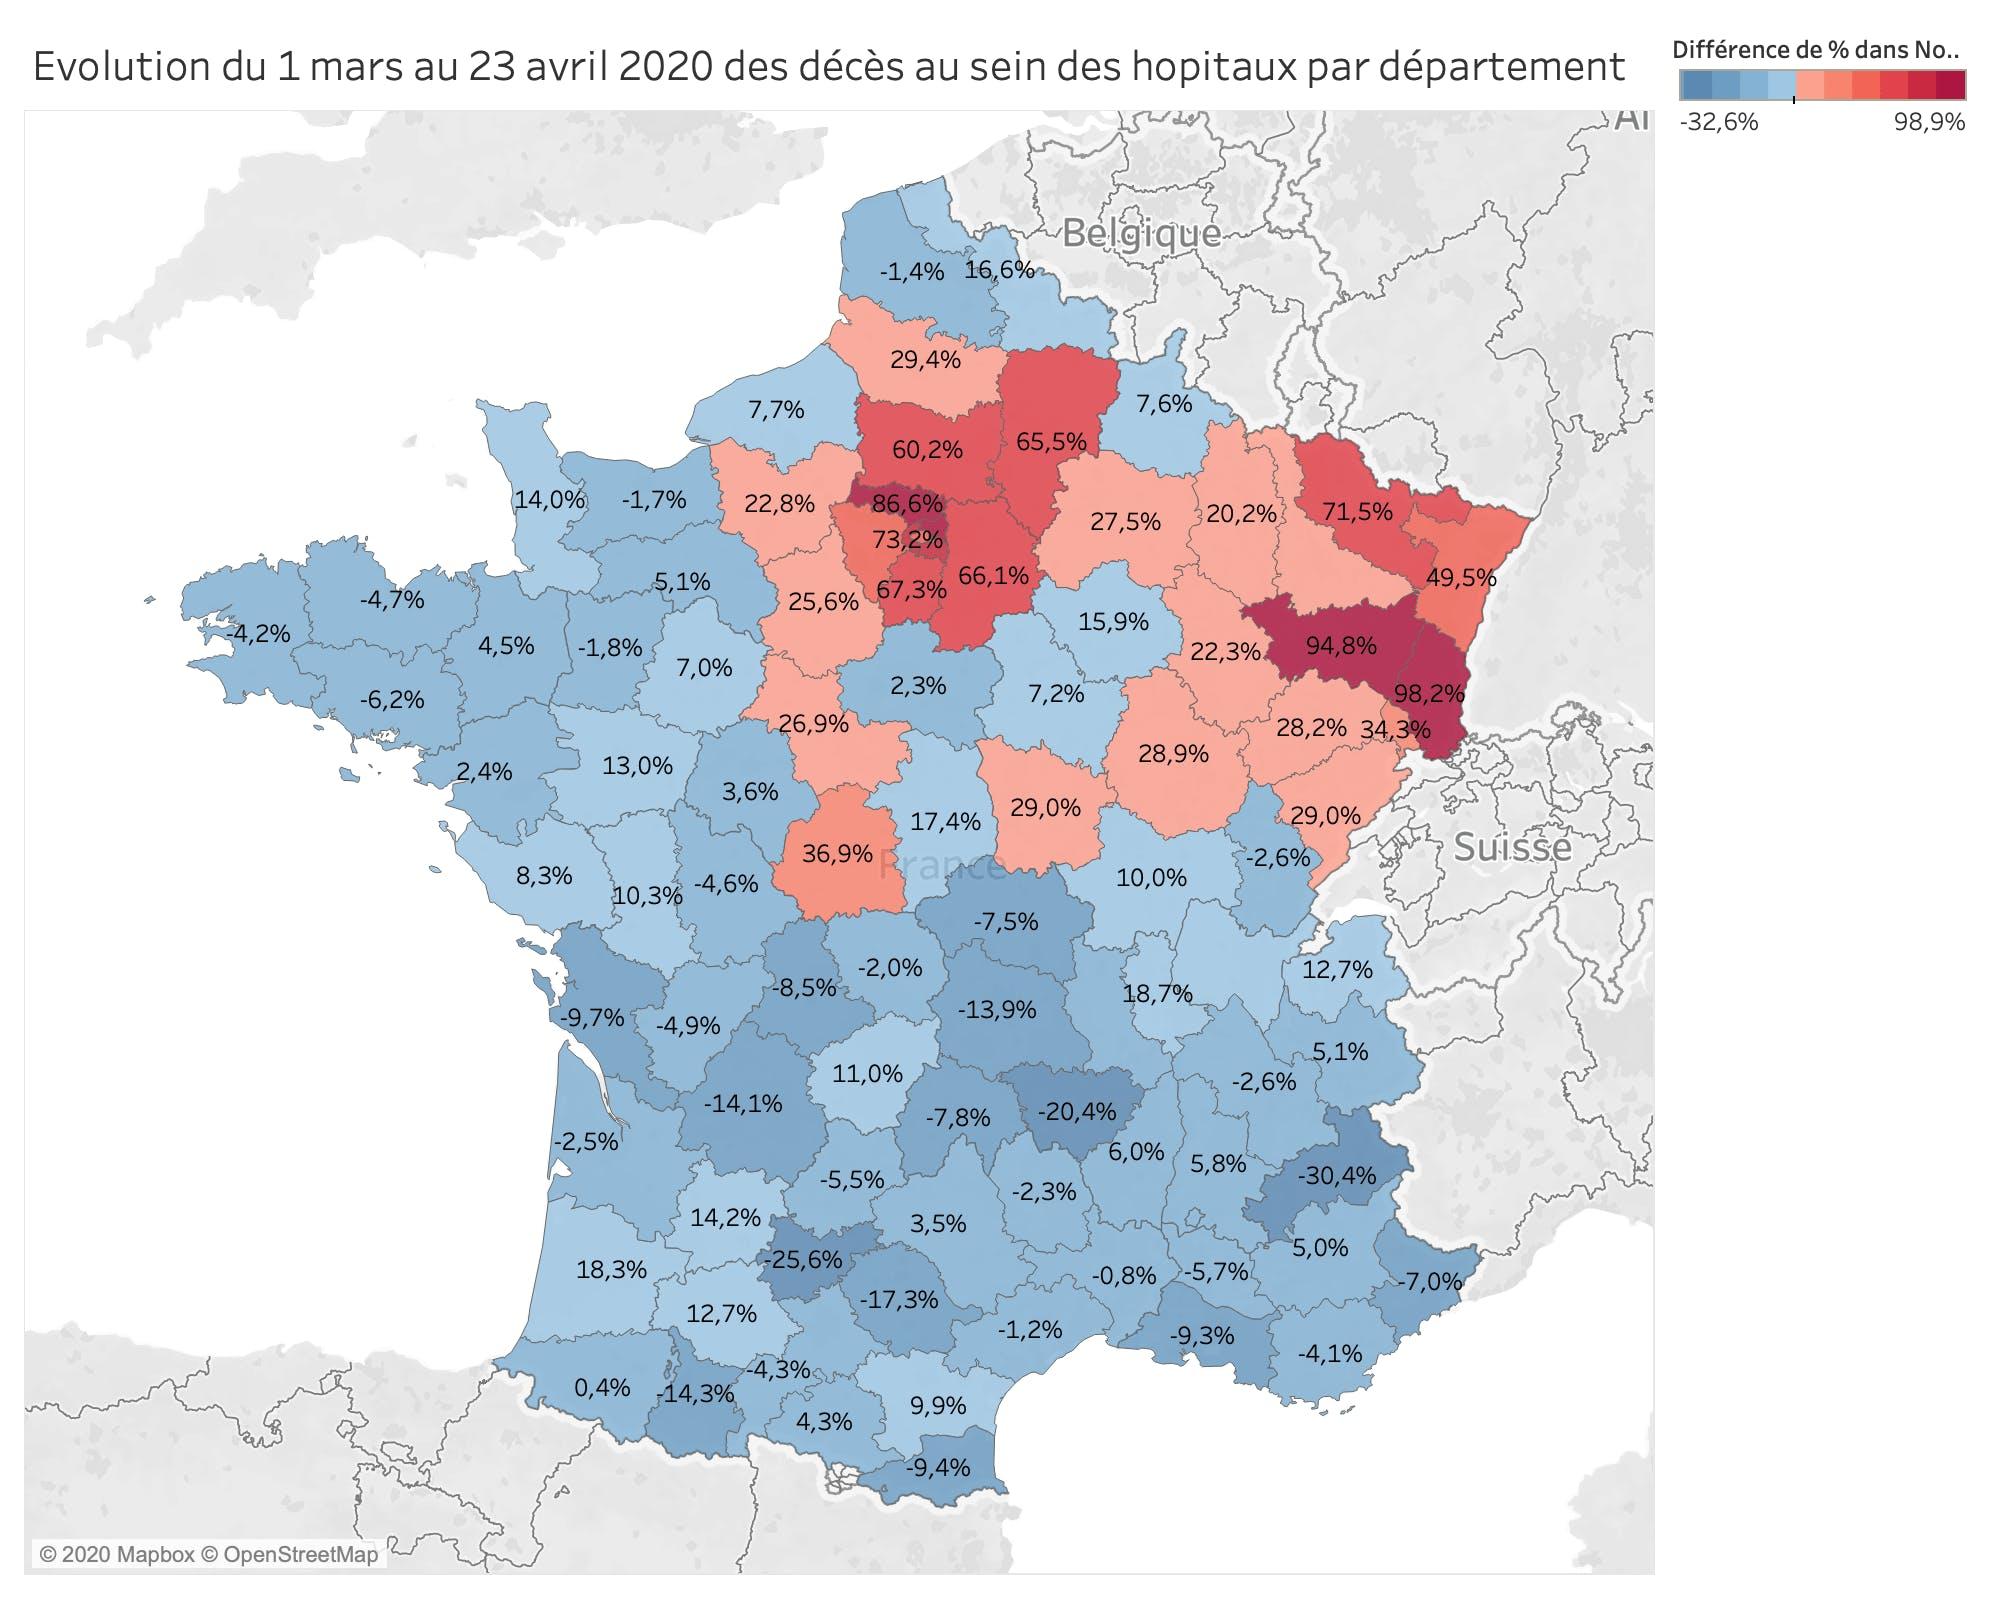 Évolution du 1 mars au 23 avril 2020 des décès au sein des hôpitaux par département